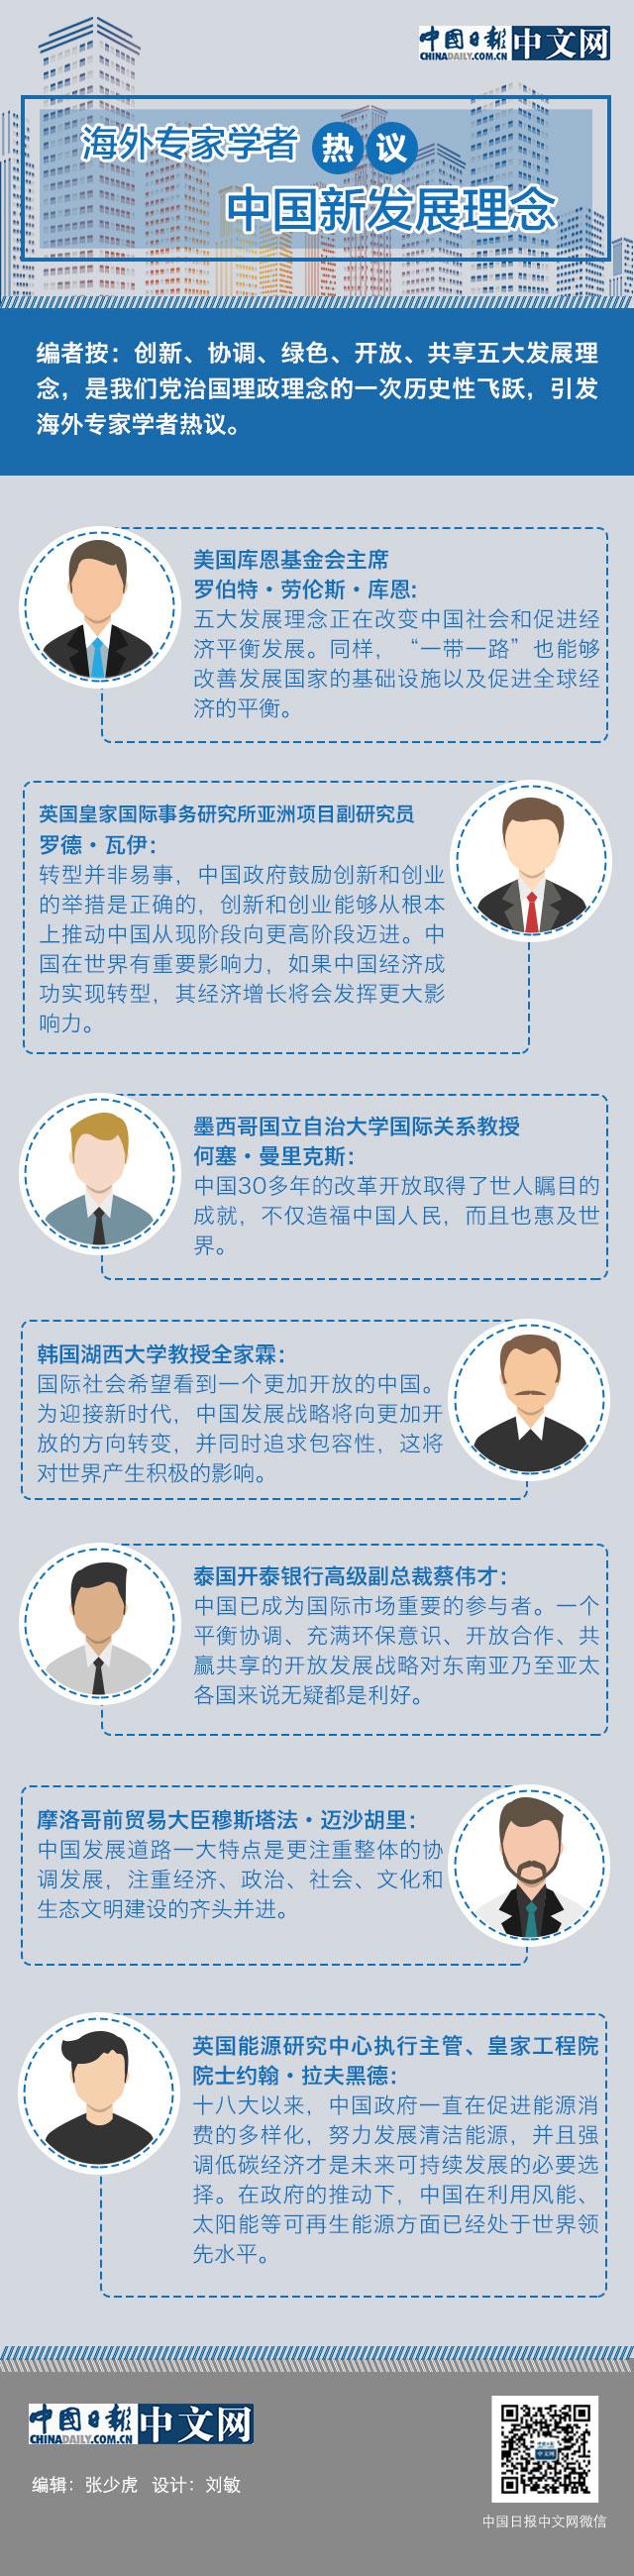 【理上网来・喜迎十九大】海外专家学者热议中国新发展理念